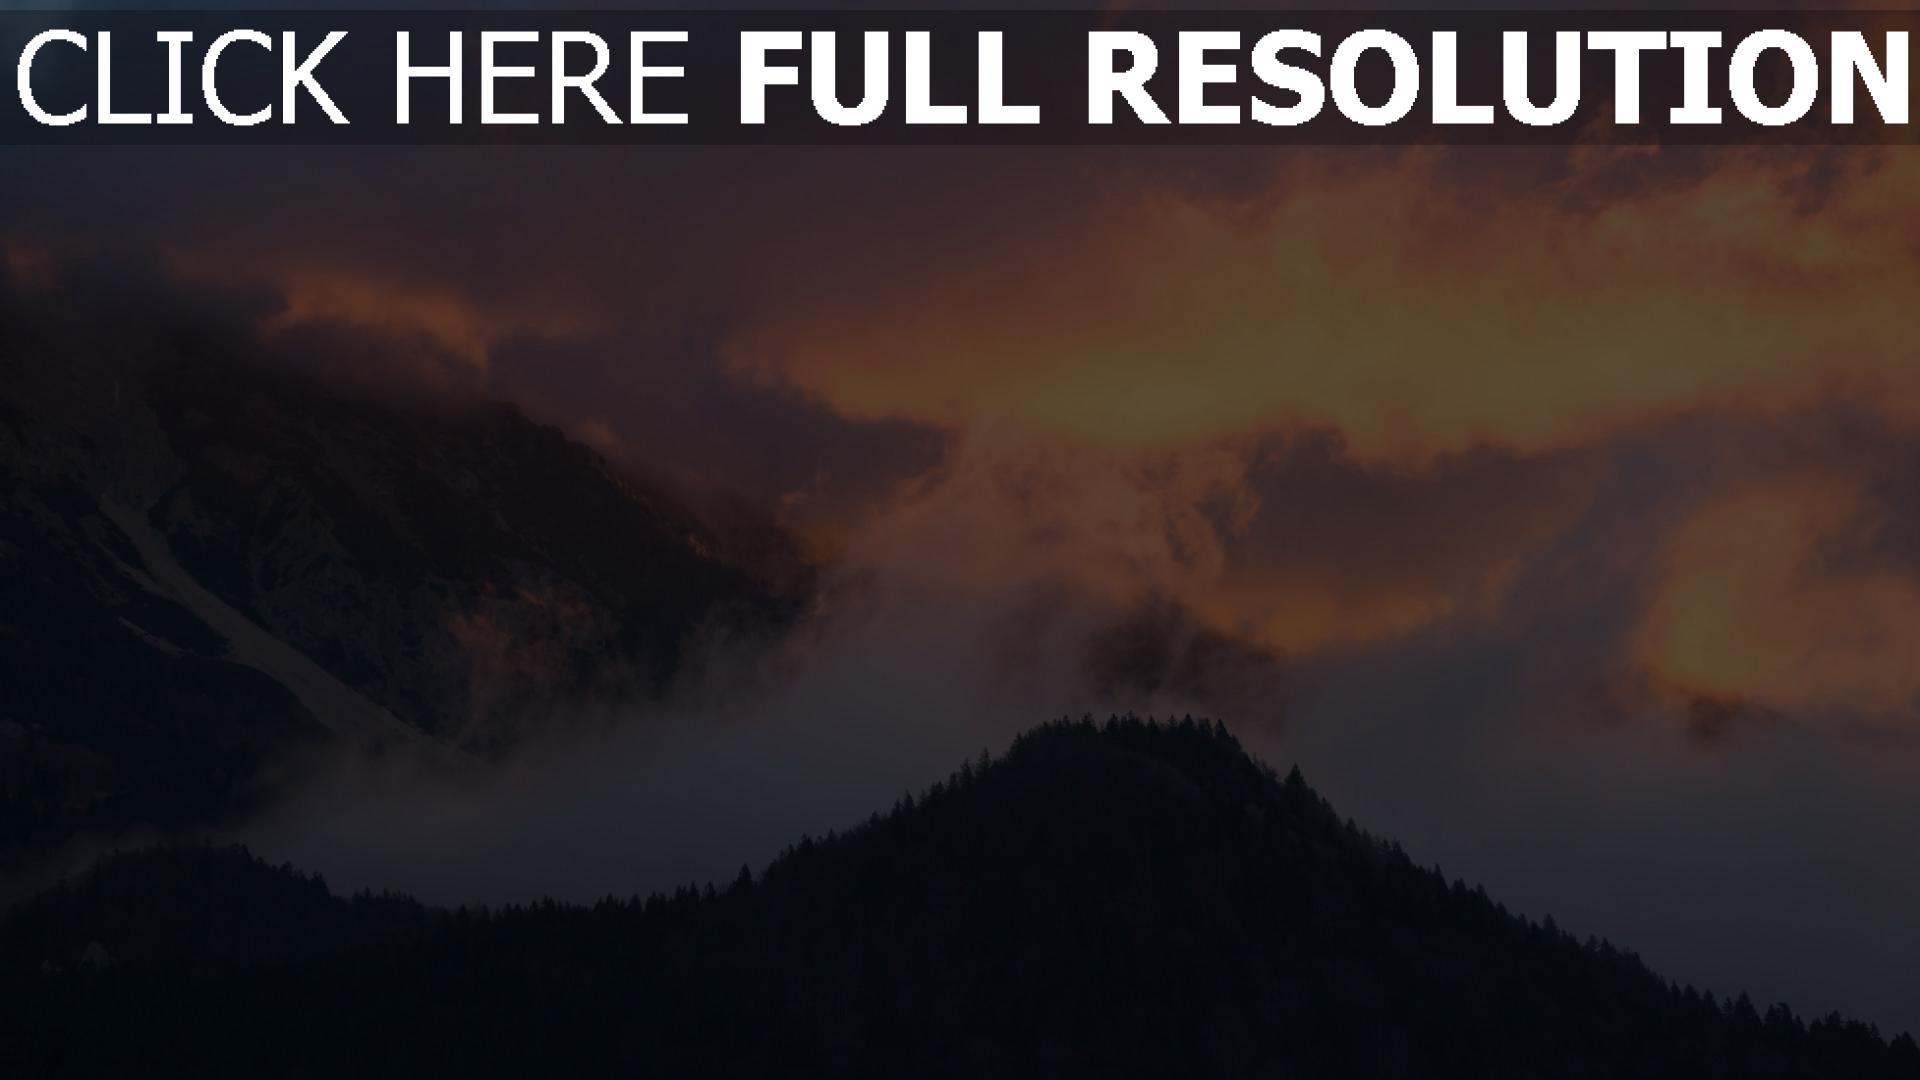 hd hintergrundbilder himmel sonnenuntergang bäume berge nebel 1920x1080